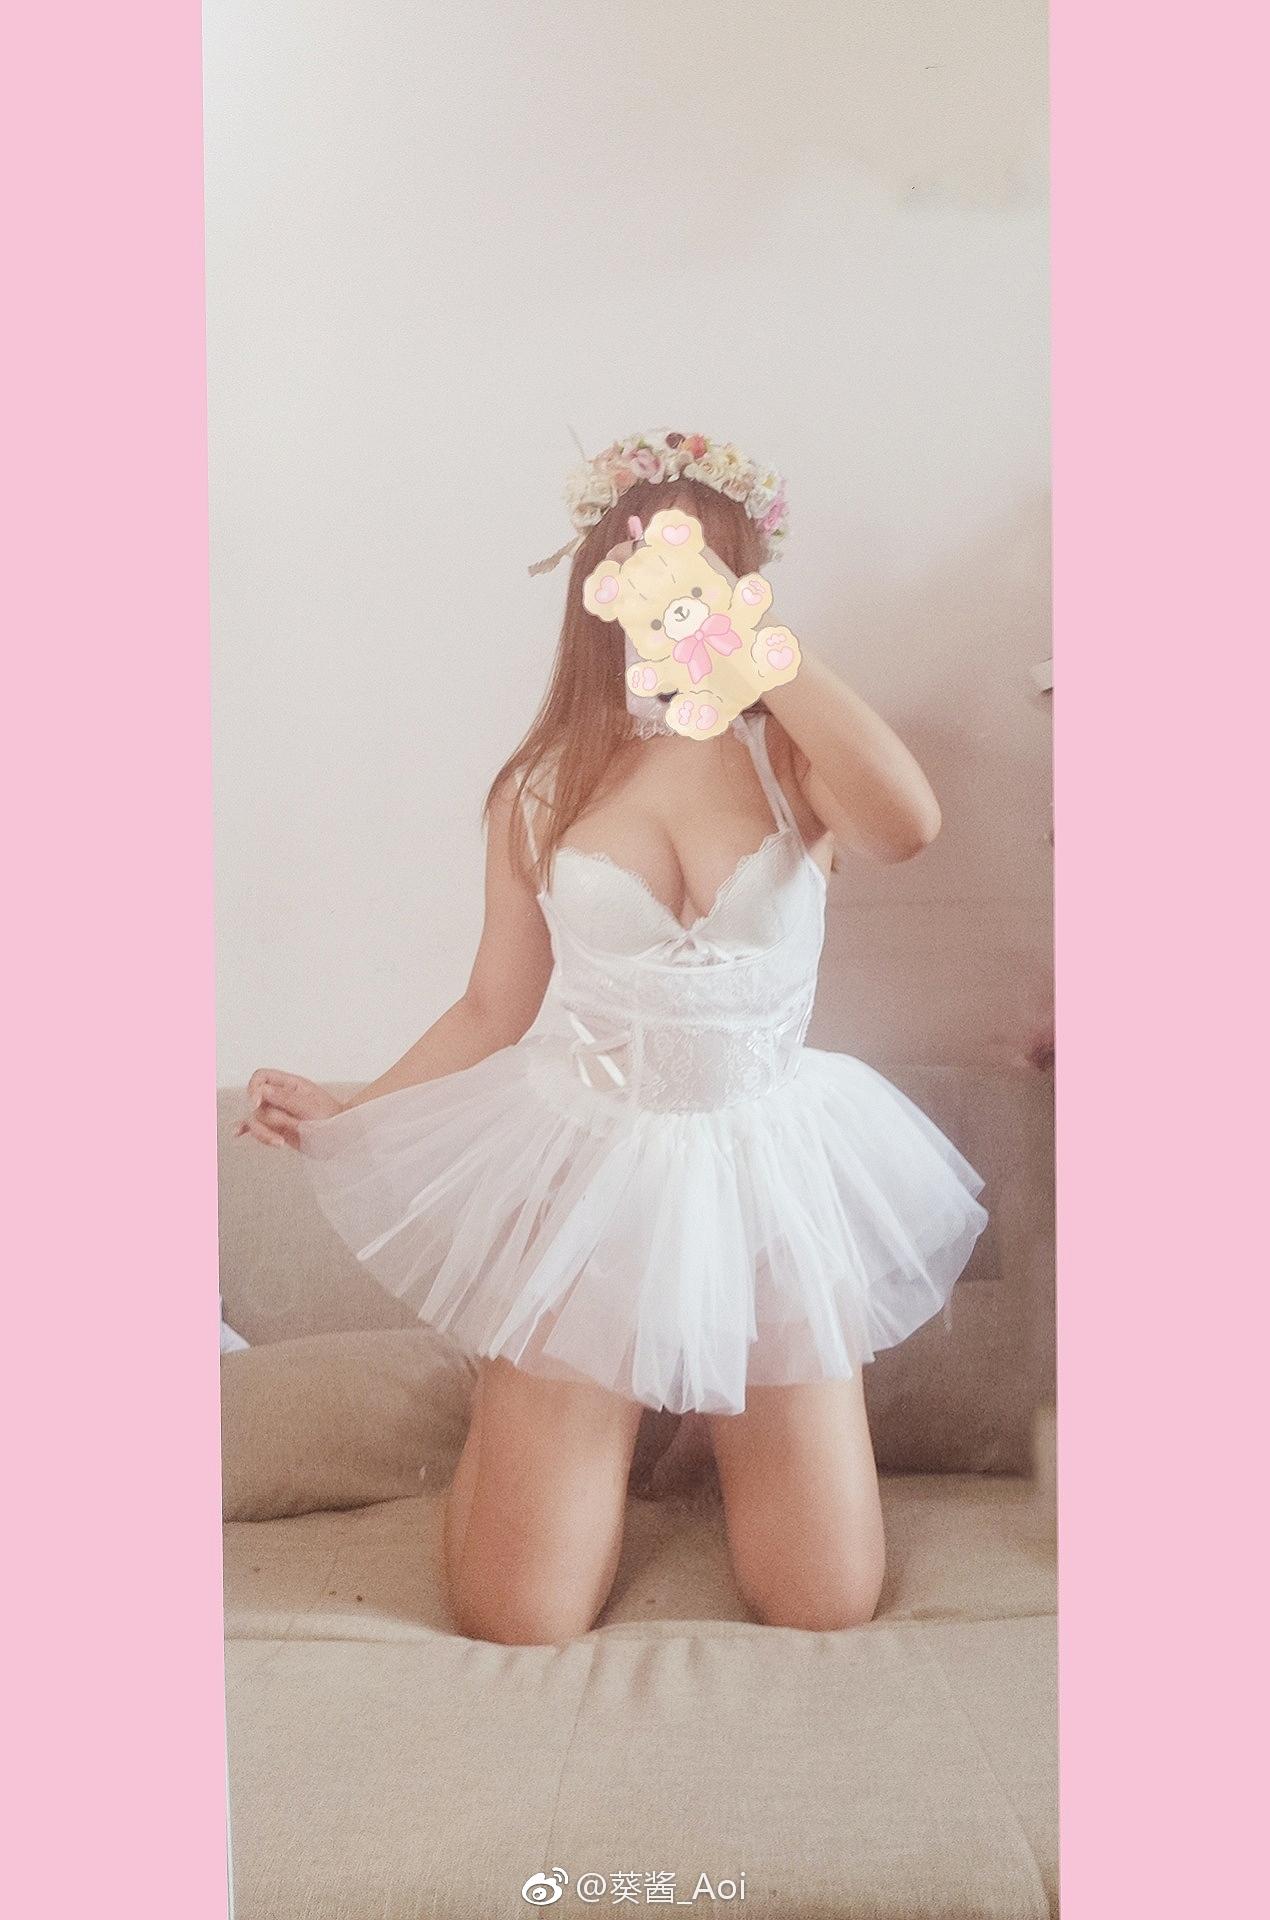 大胸器妹子的少女内衣私房~So sexy(9P)